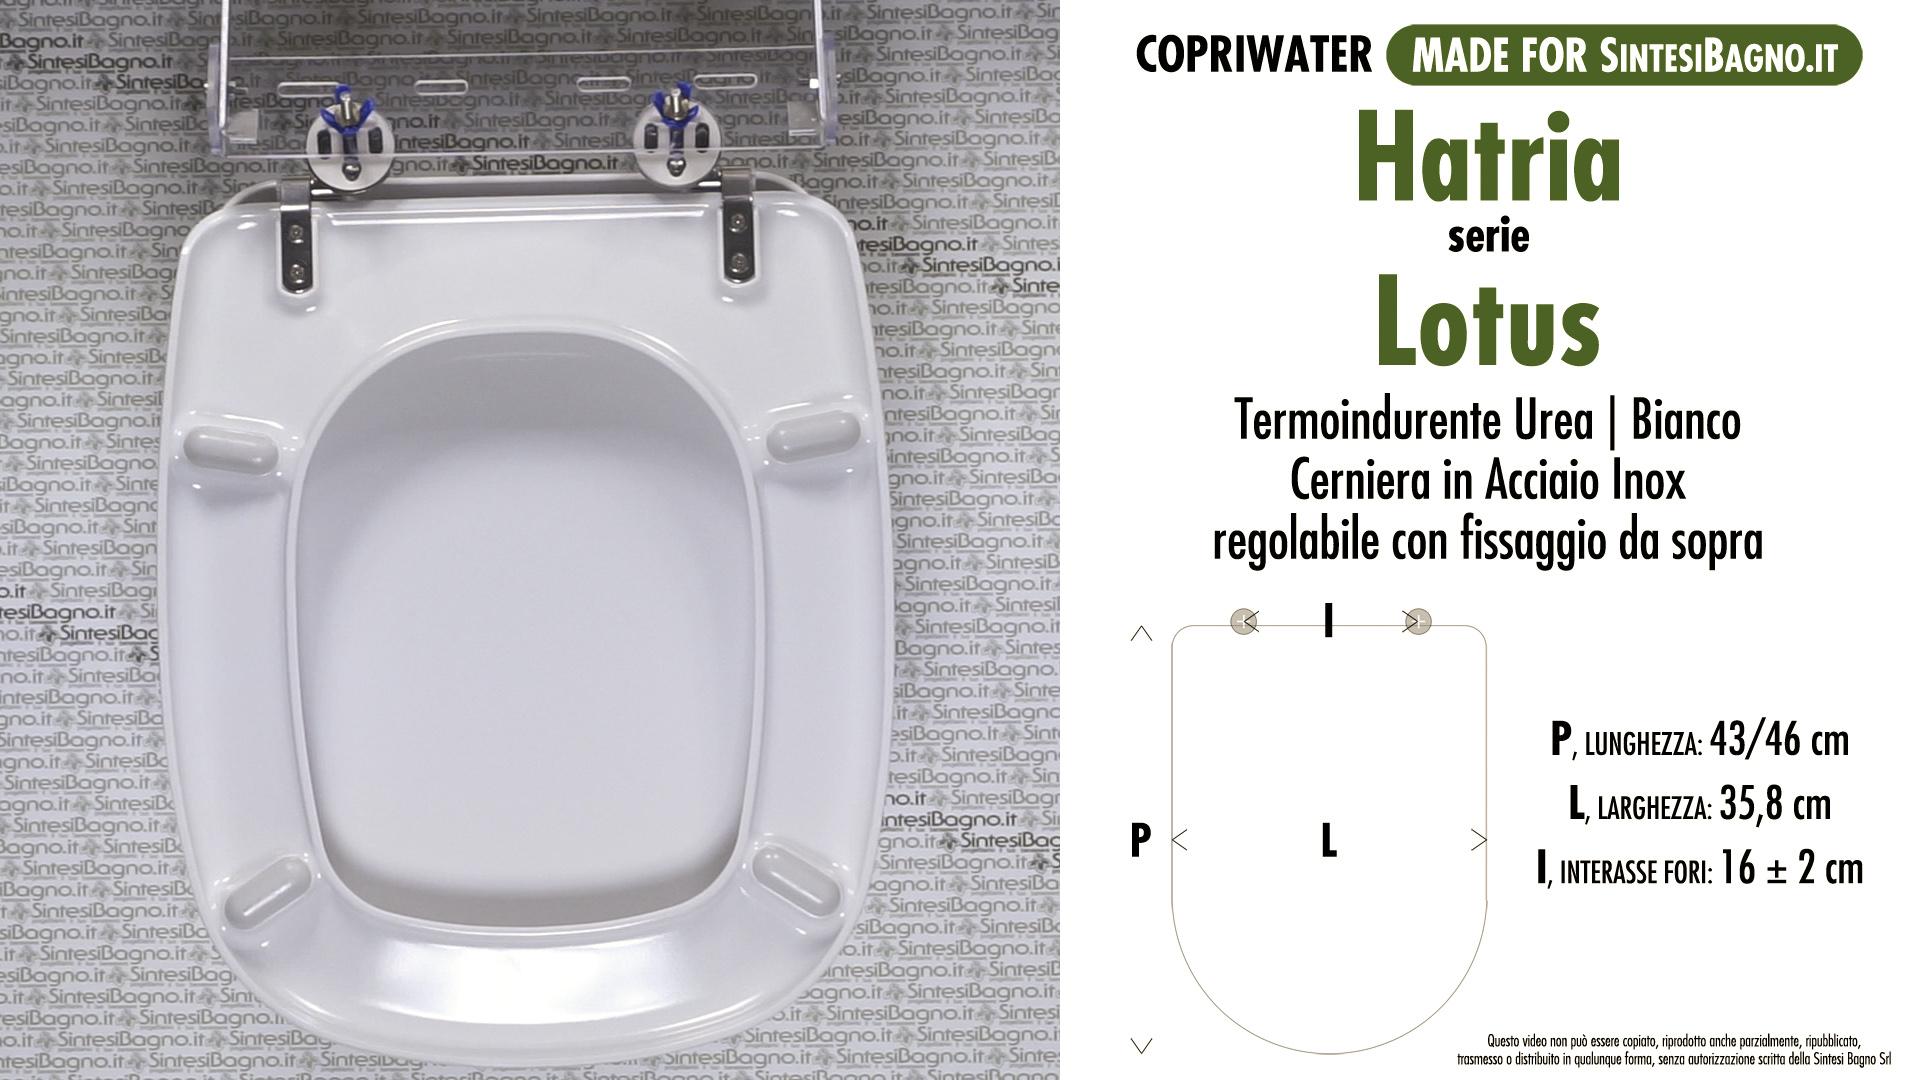 SCHEDA TECNICA MISURE copriwater HATRIA LOTUS